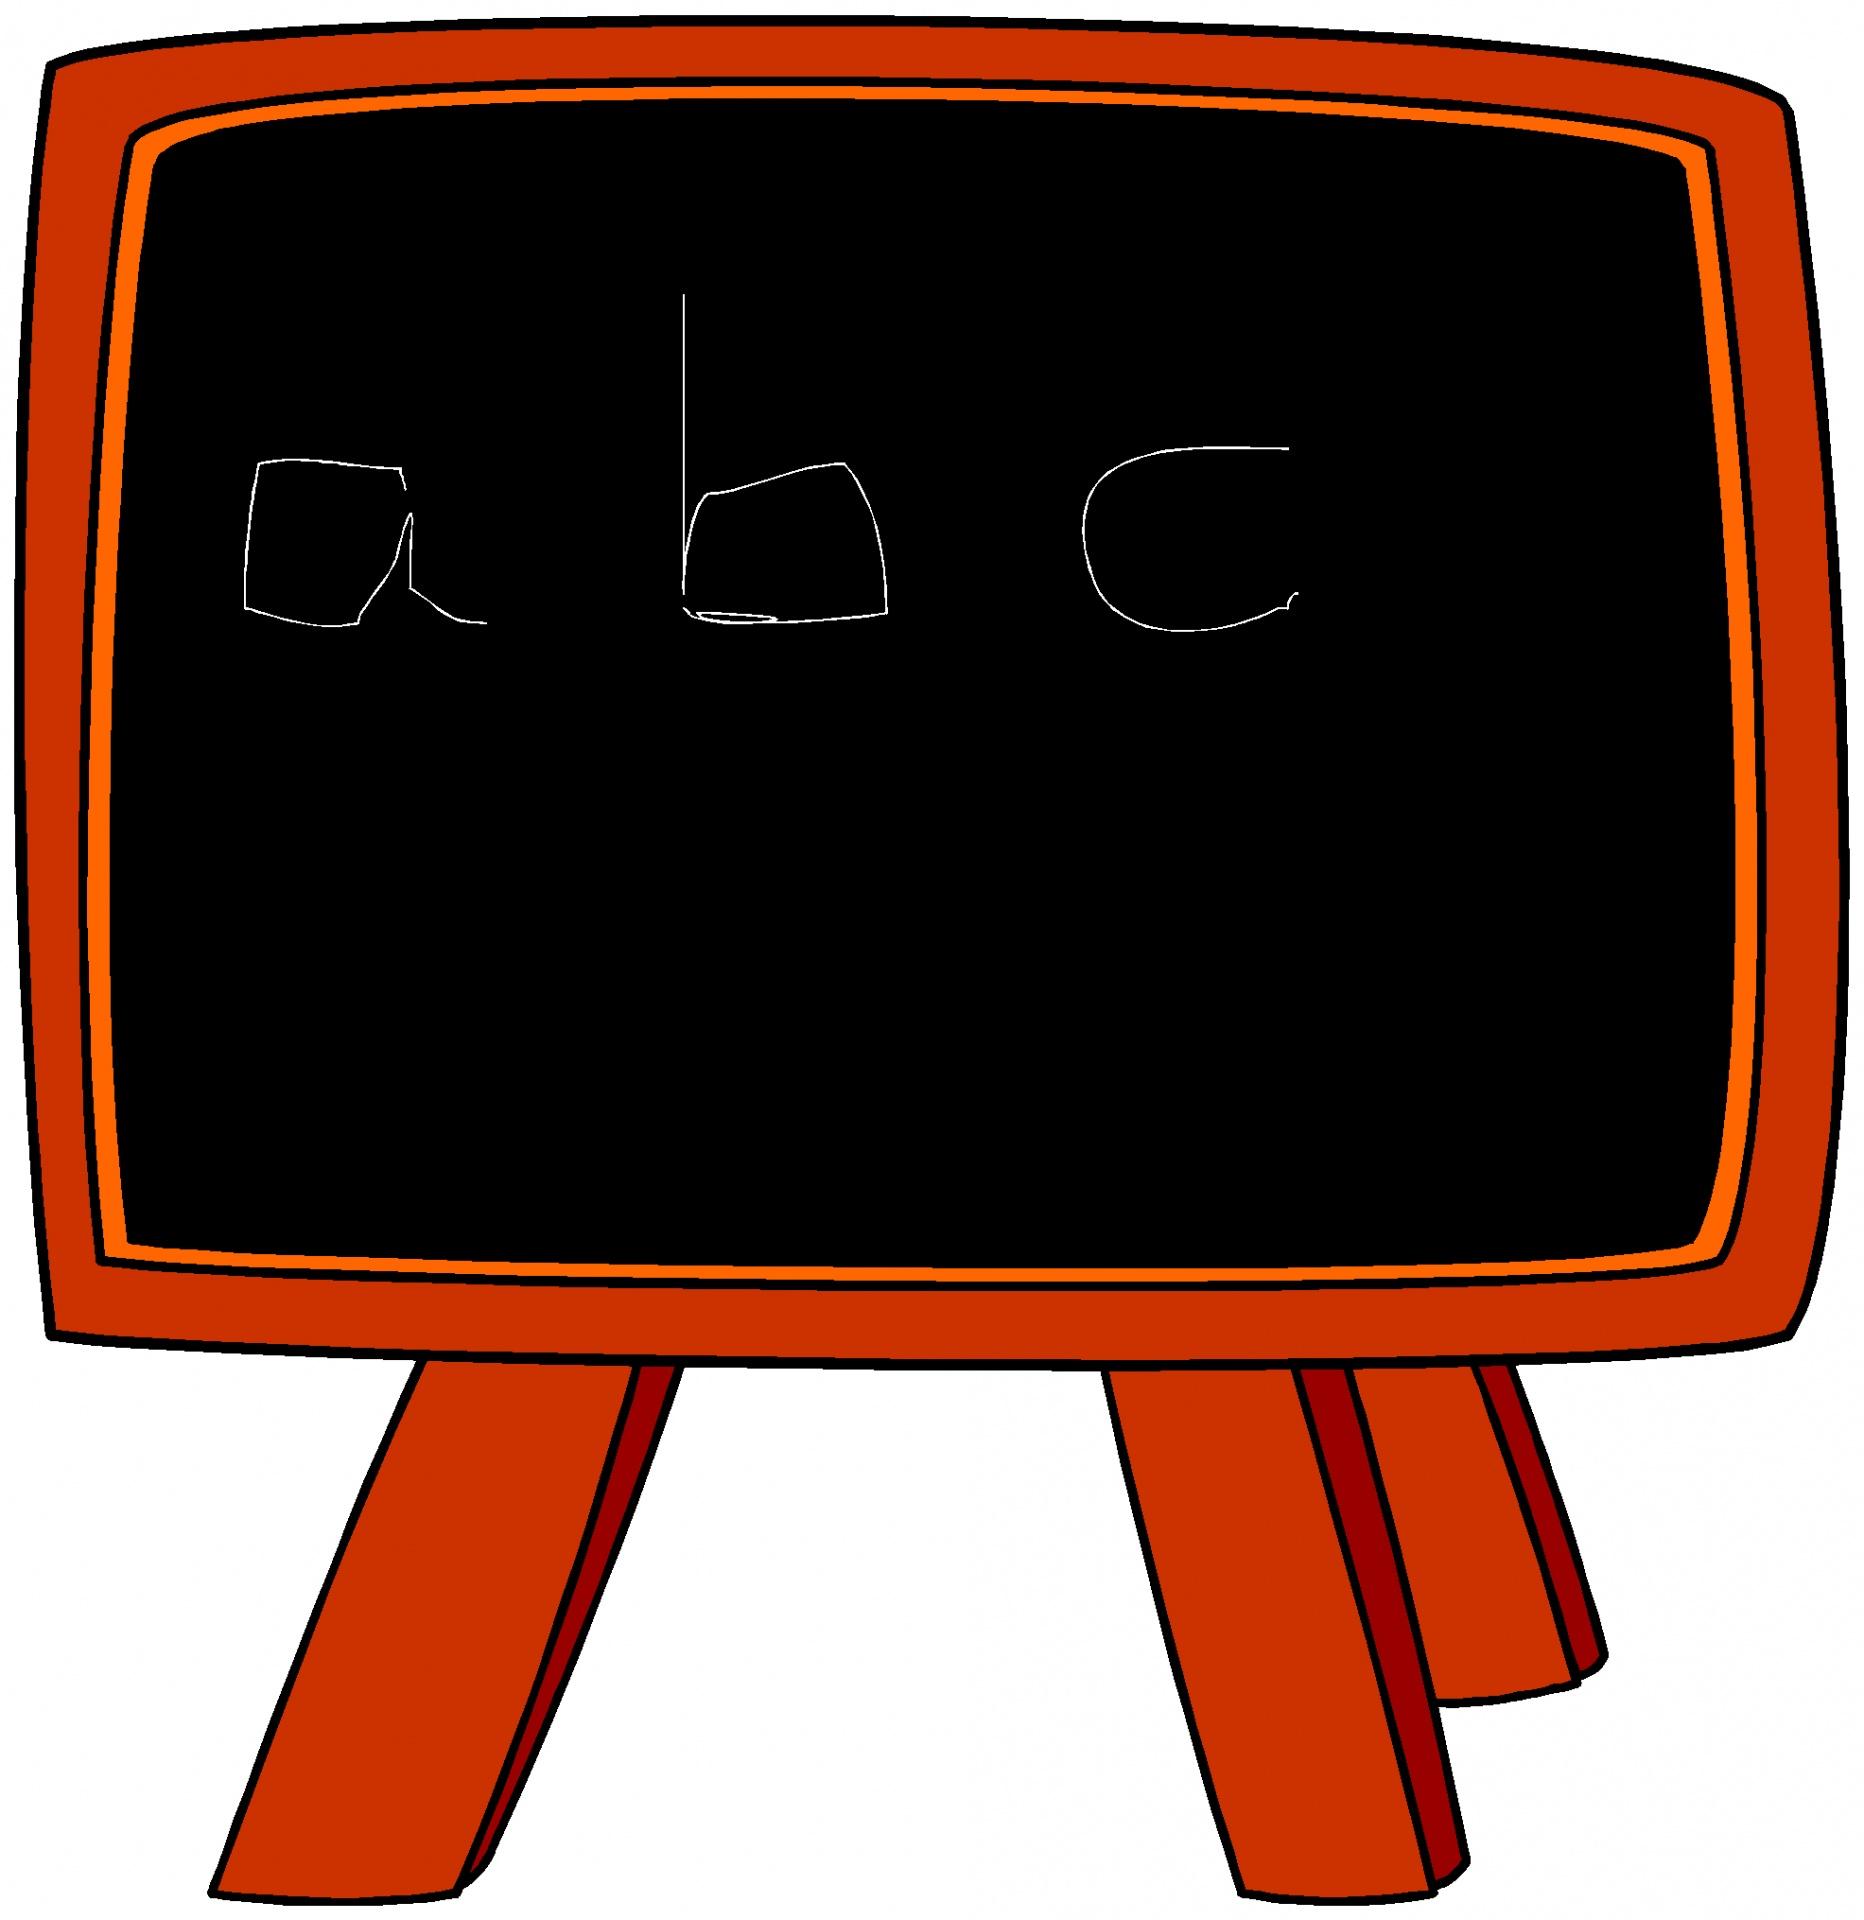 School Chalkboard Clipart.